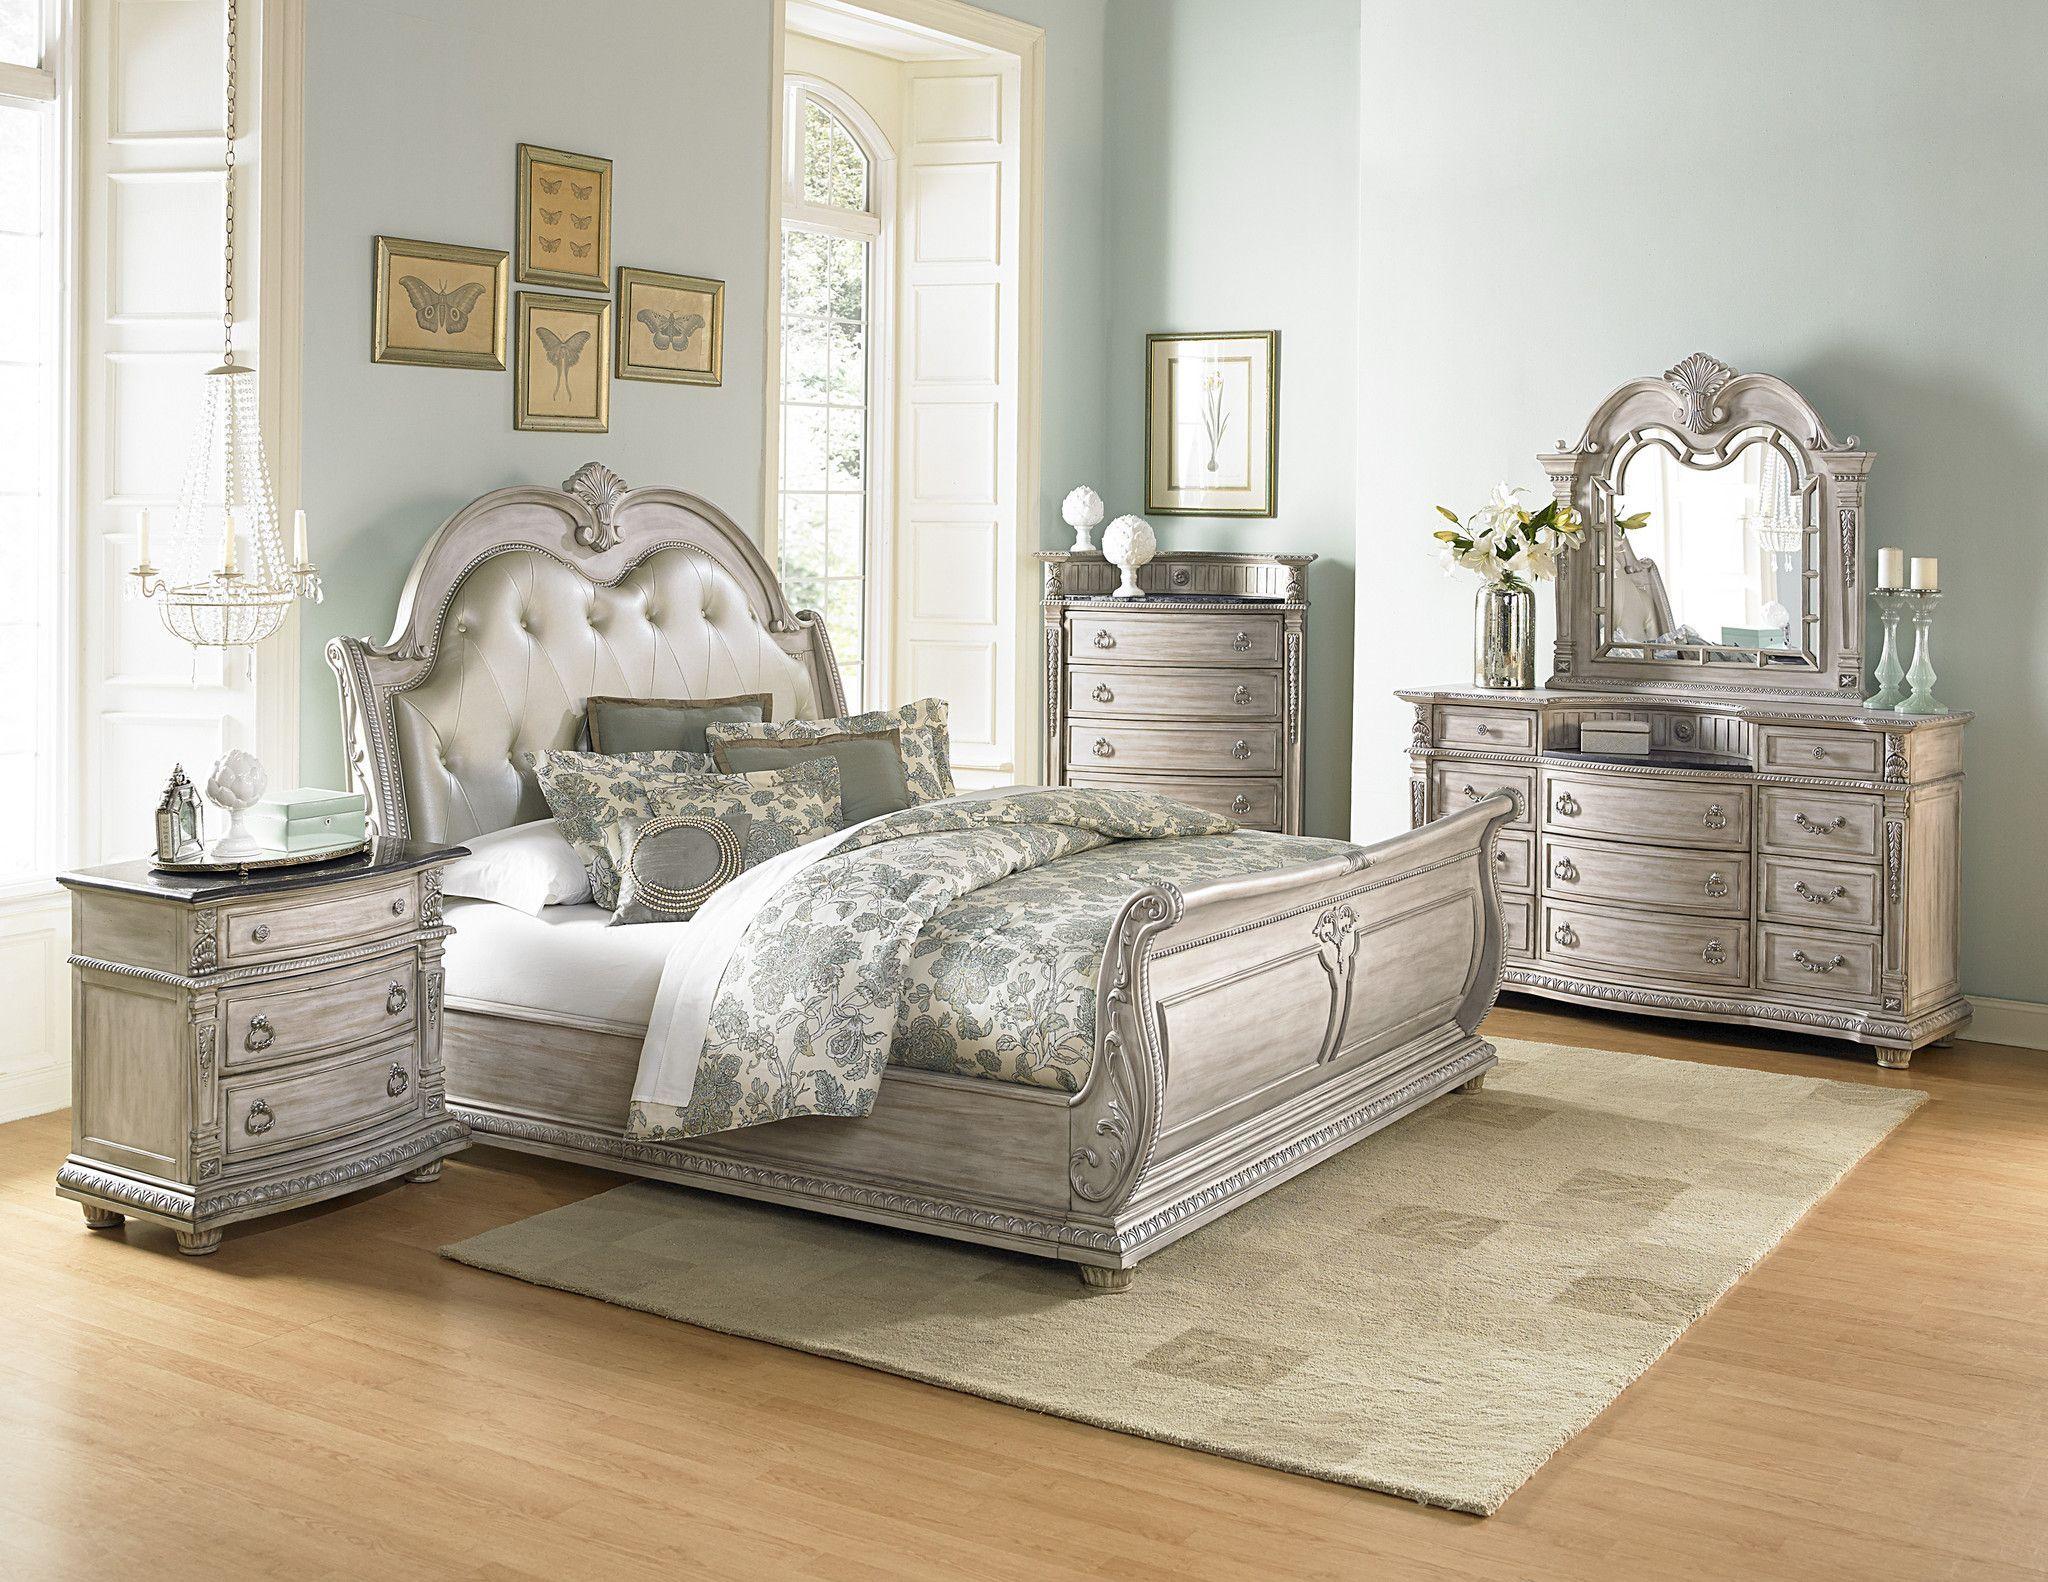 Master bedroom furniture  Palace II Pc Queen Bedroom Set N  Products  Pinterest  Queen